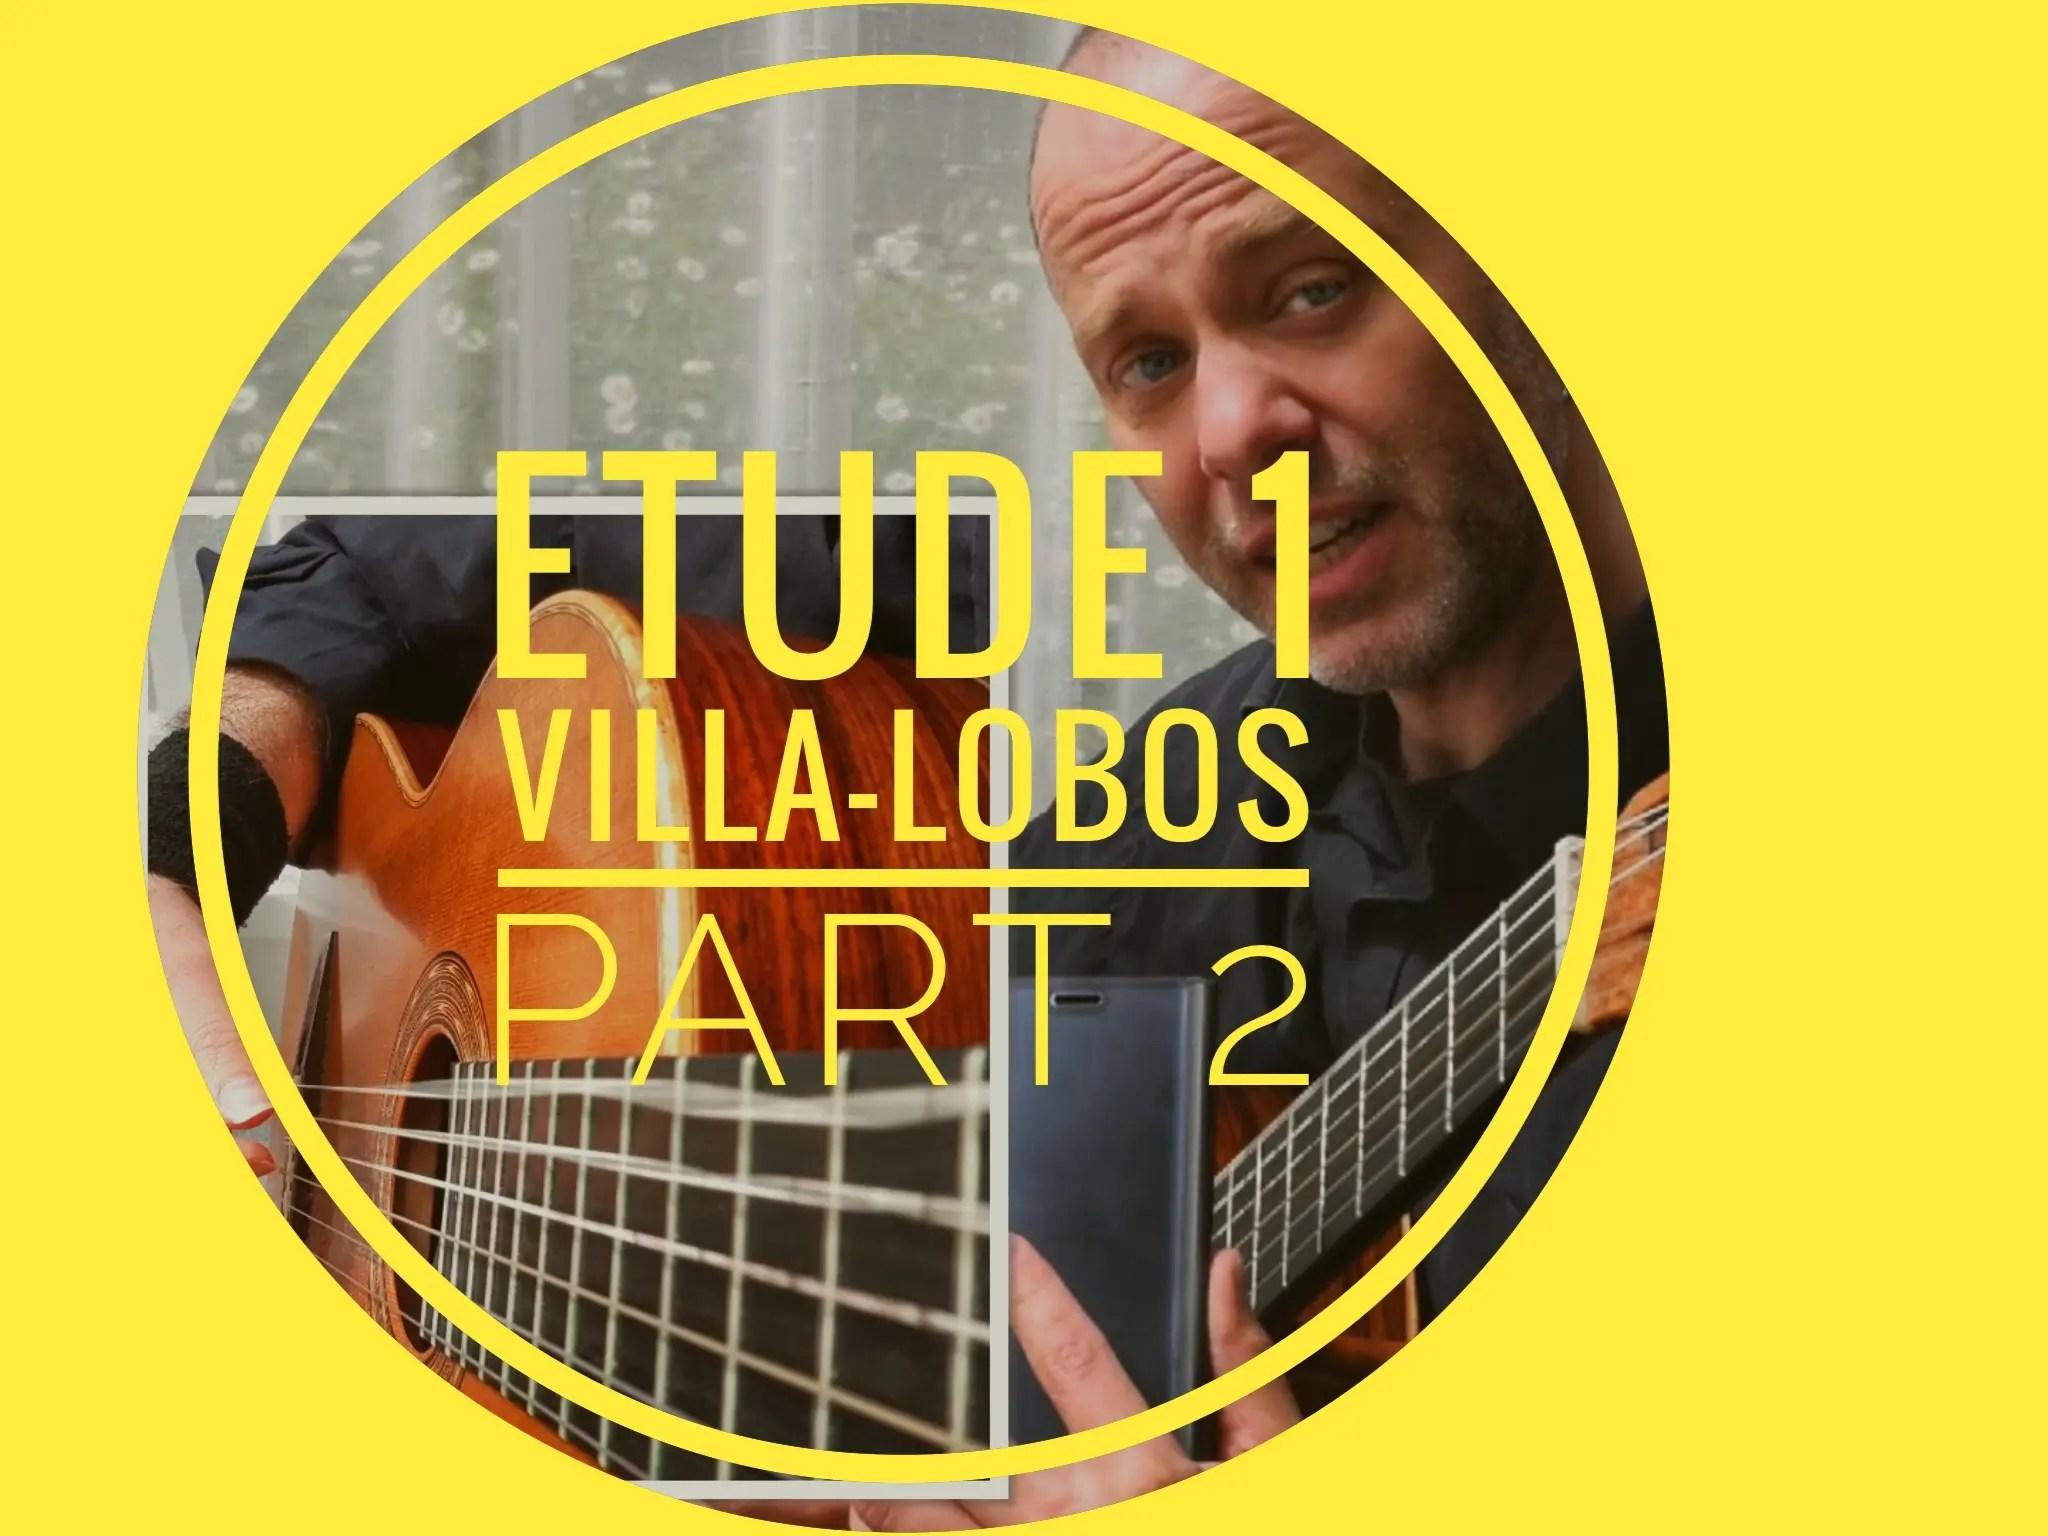 Approaching Etude No. 1 Villa-Lobos